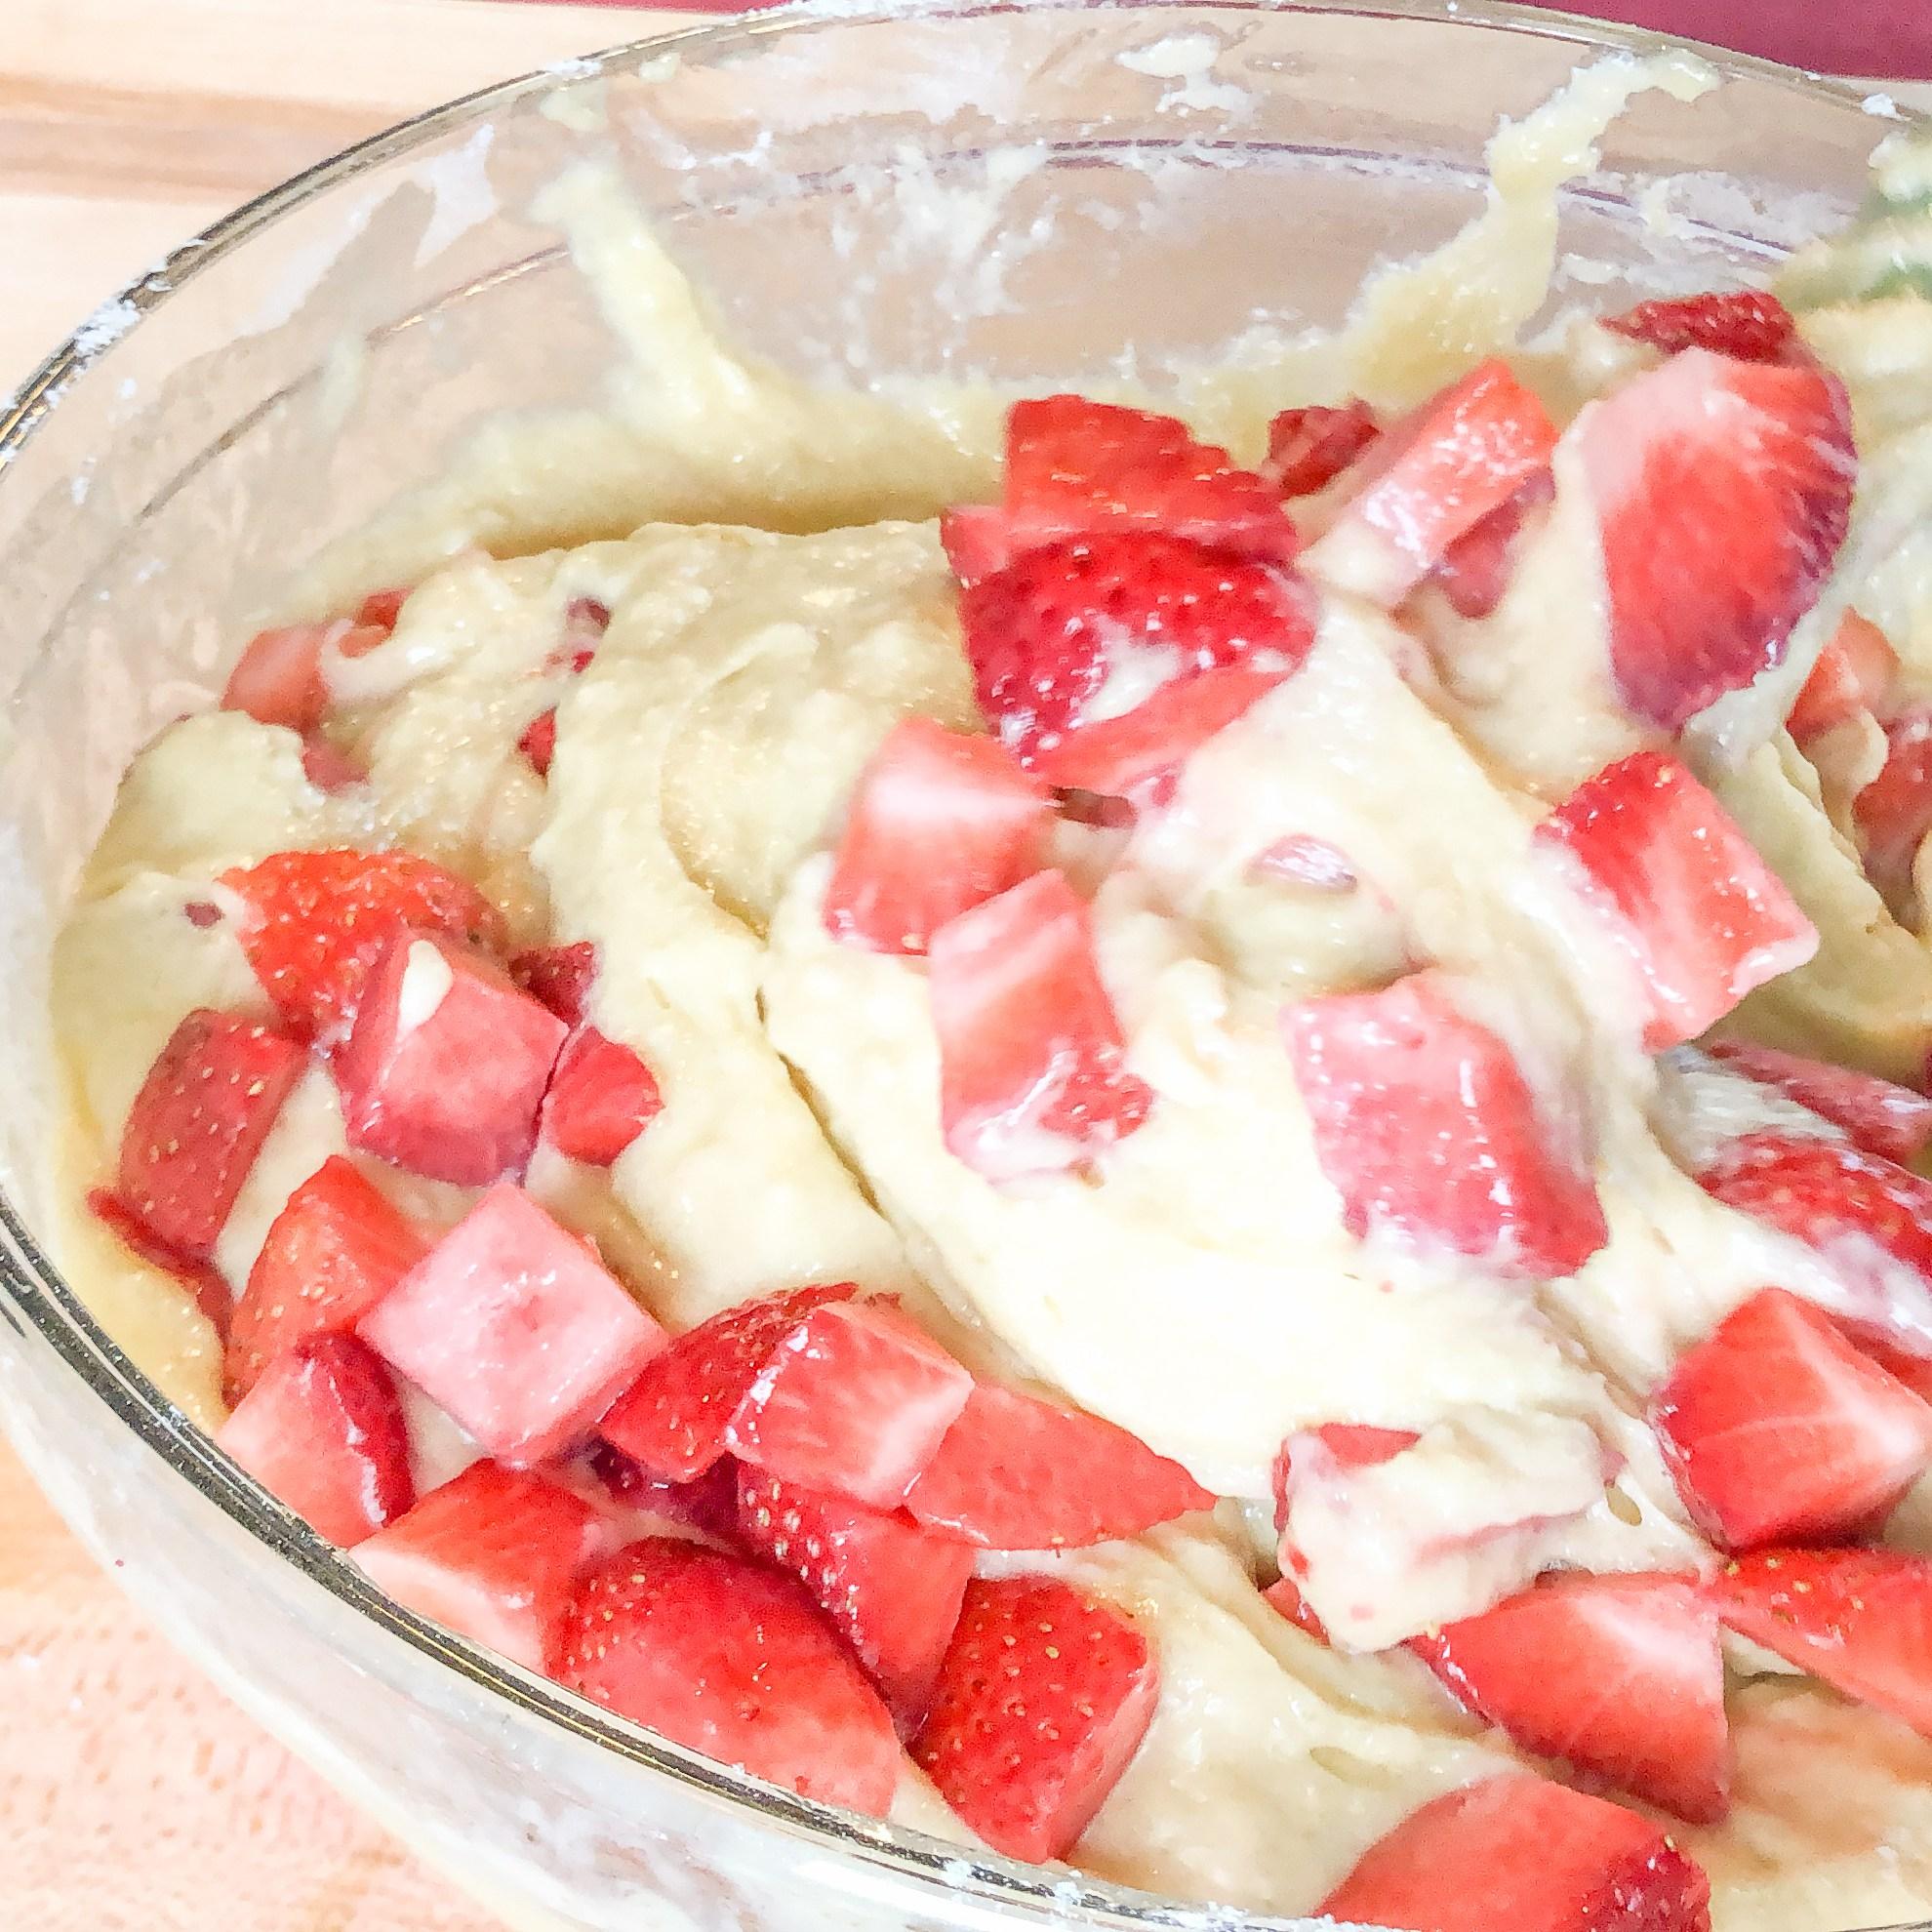 Summer Strawberry Muffins